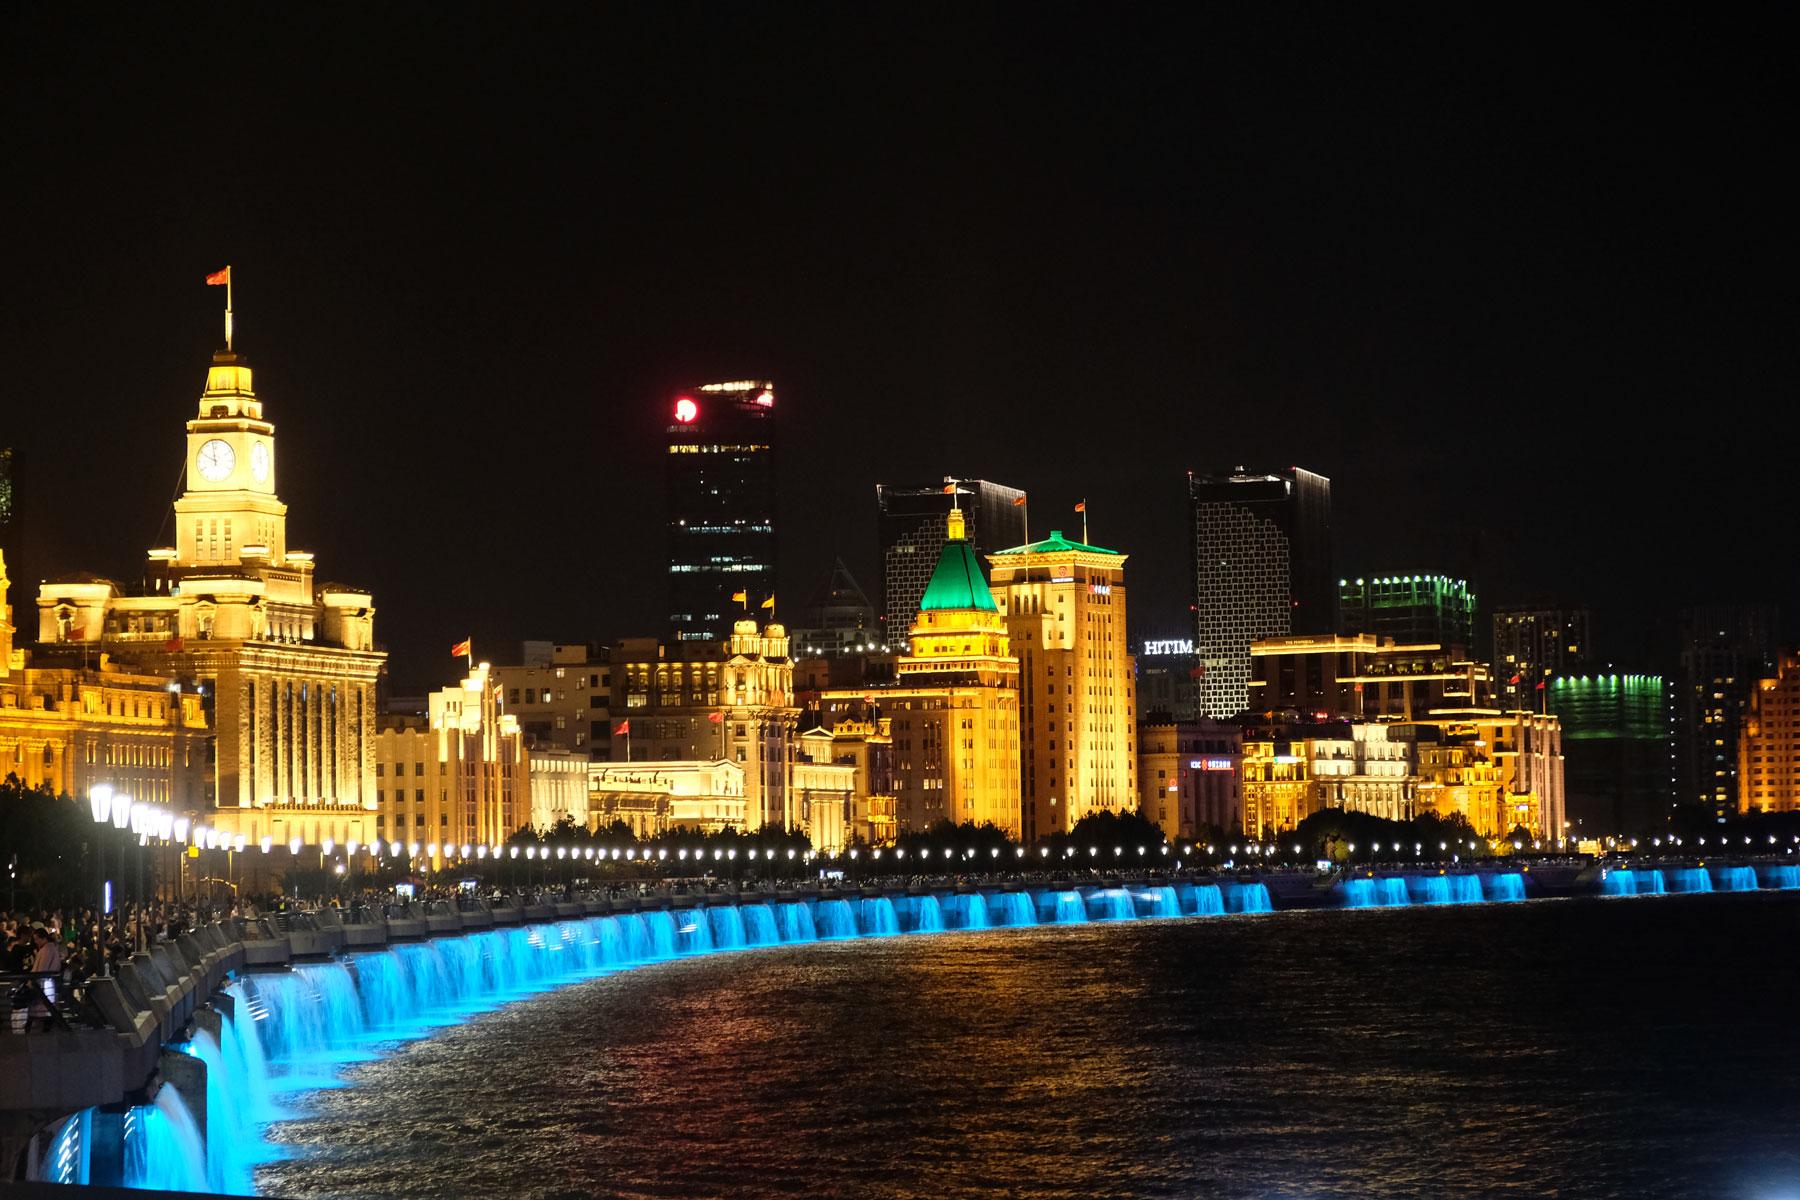 Nachts ist The Bund in Shanghai hell erleuchtet.